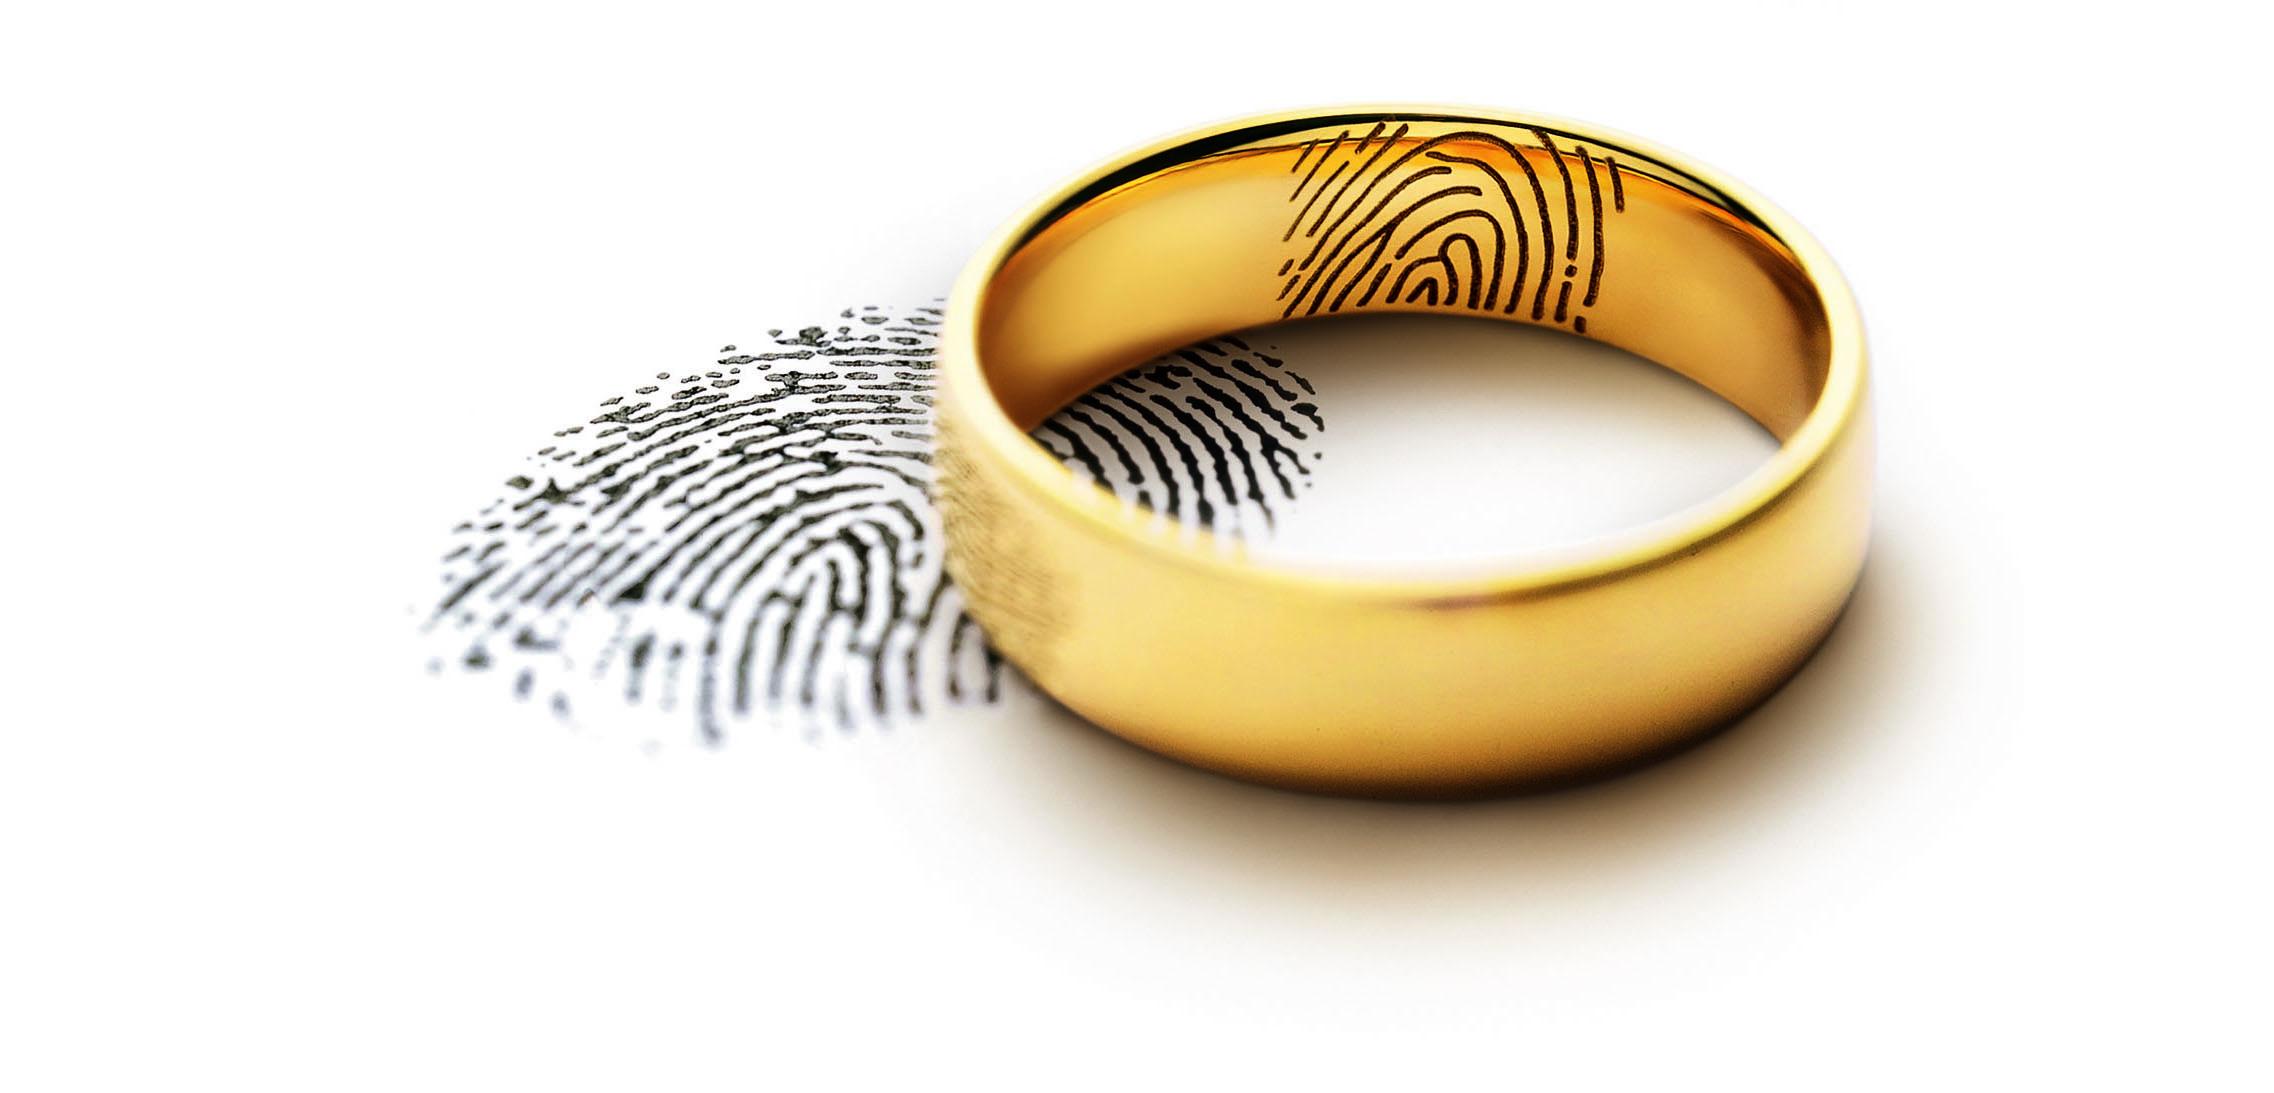 Meister Gravur Fingerprint